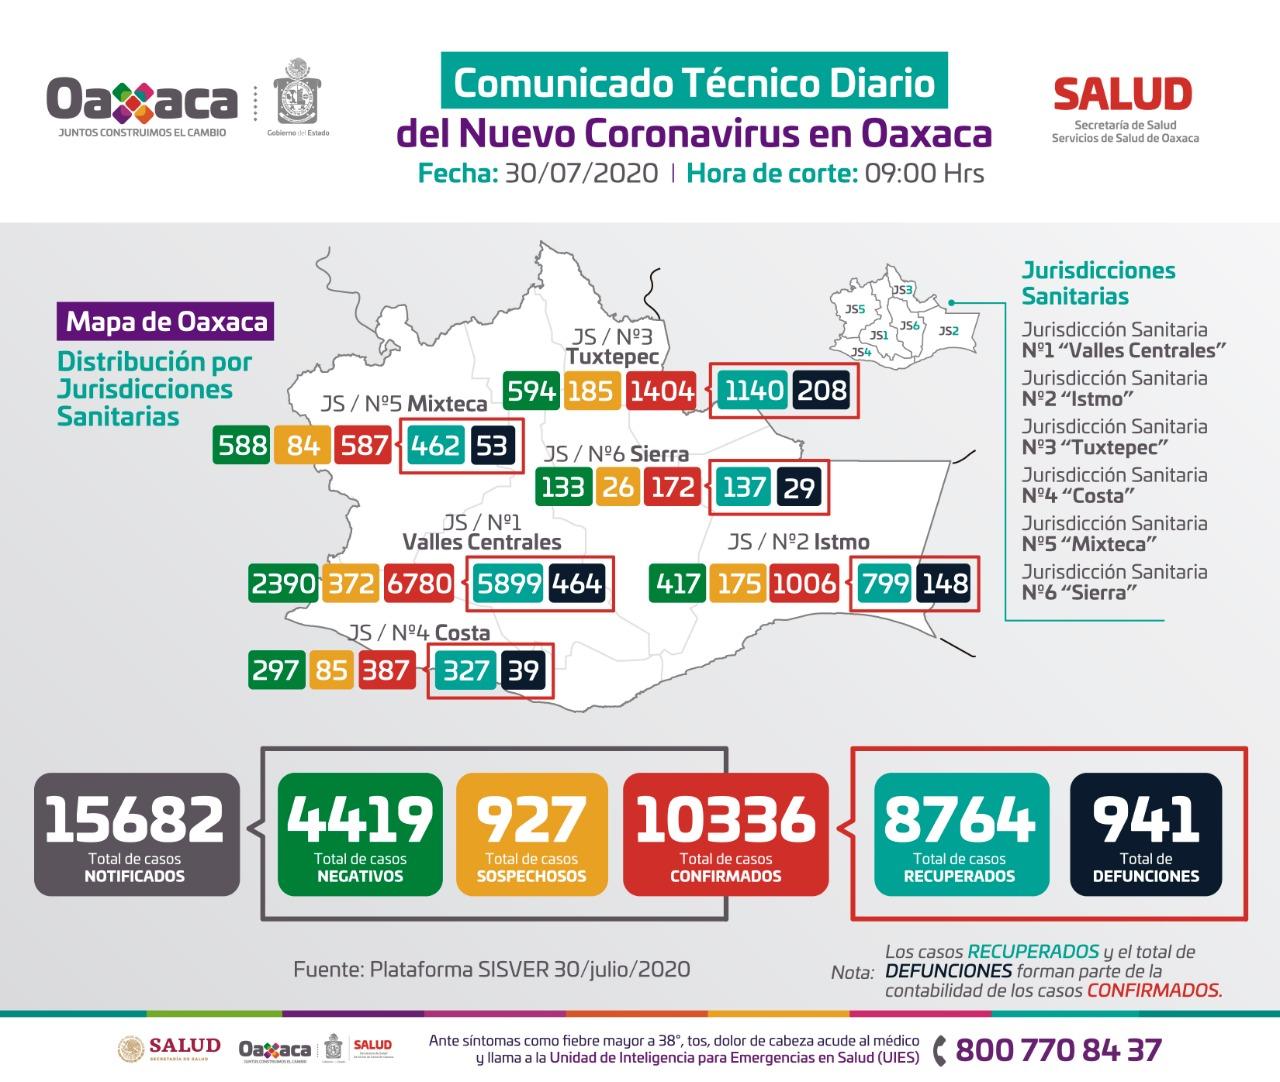 Continúa alto el índice de contagios diarios de Covid-19 en Oaxaca: García Kavanagh